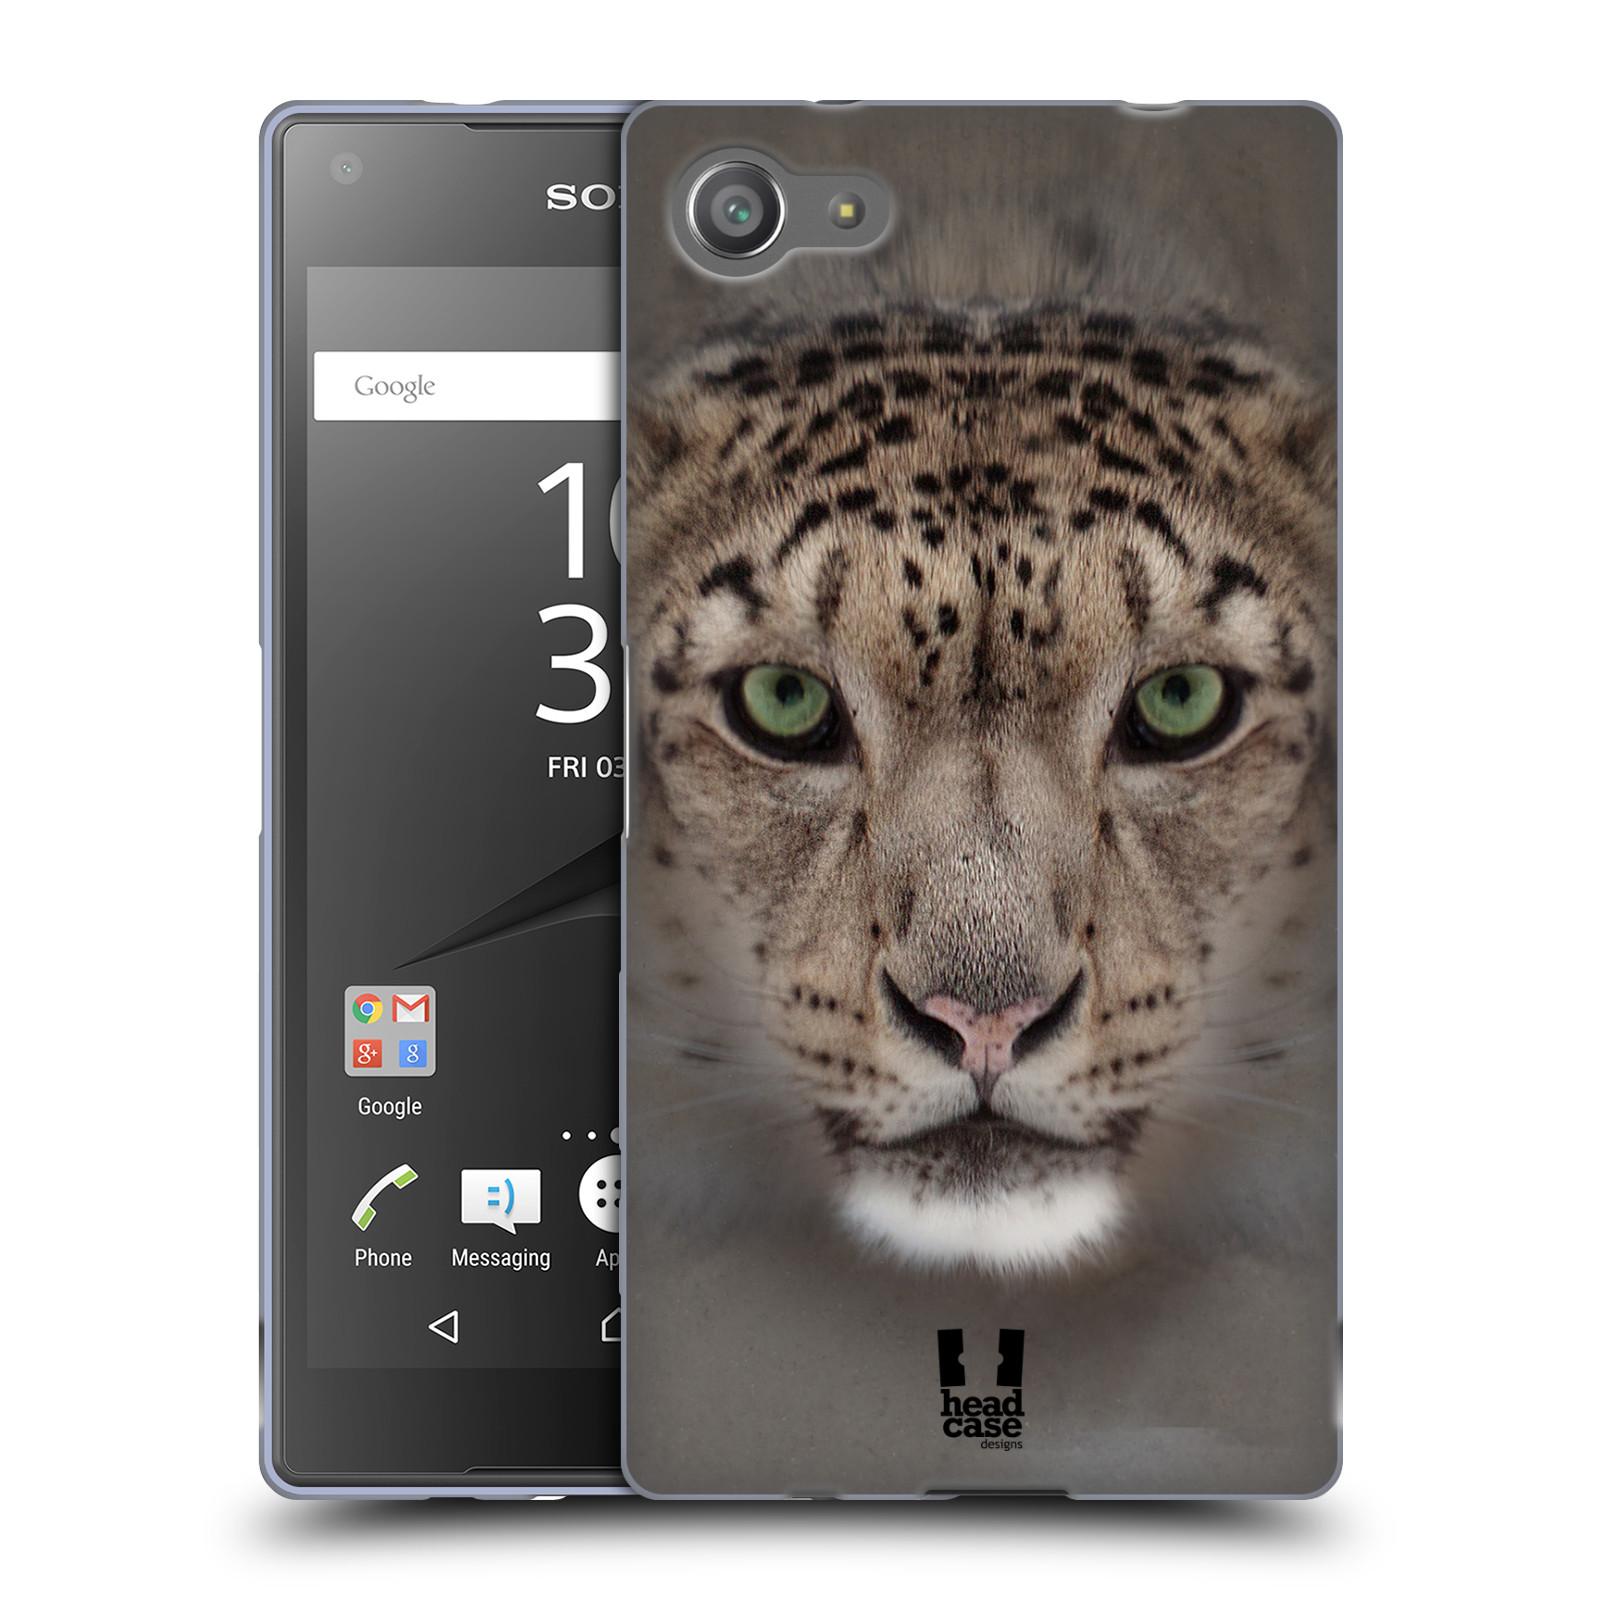 HEAD CASE silikonový obal na mobil Sony Xperia Z5 COMPACT vzor Zvířecí tváře 2 sněžný leopard